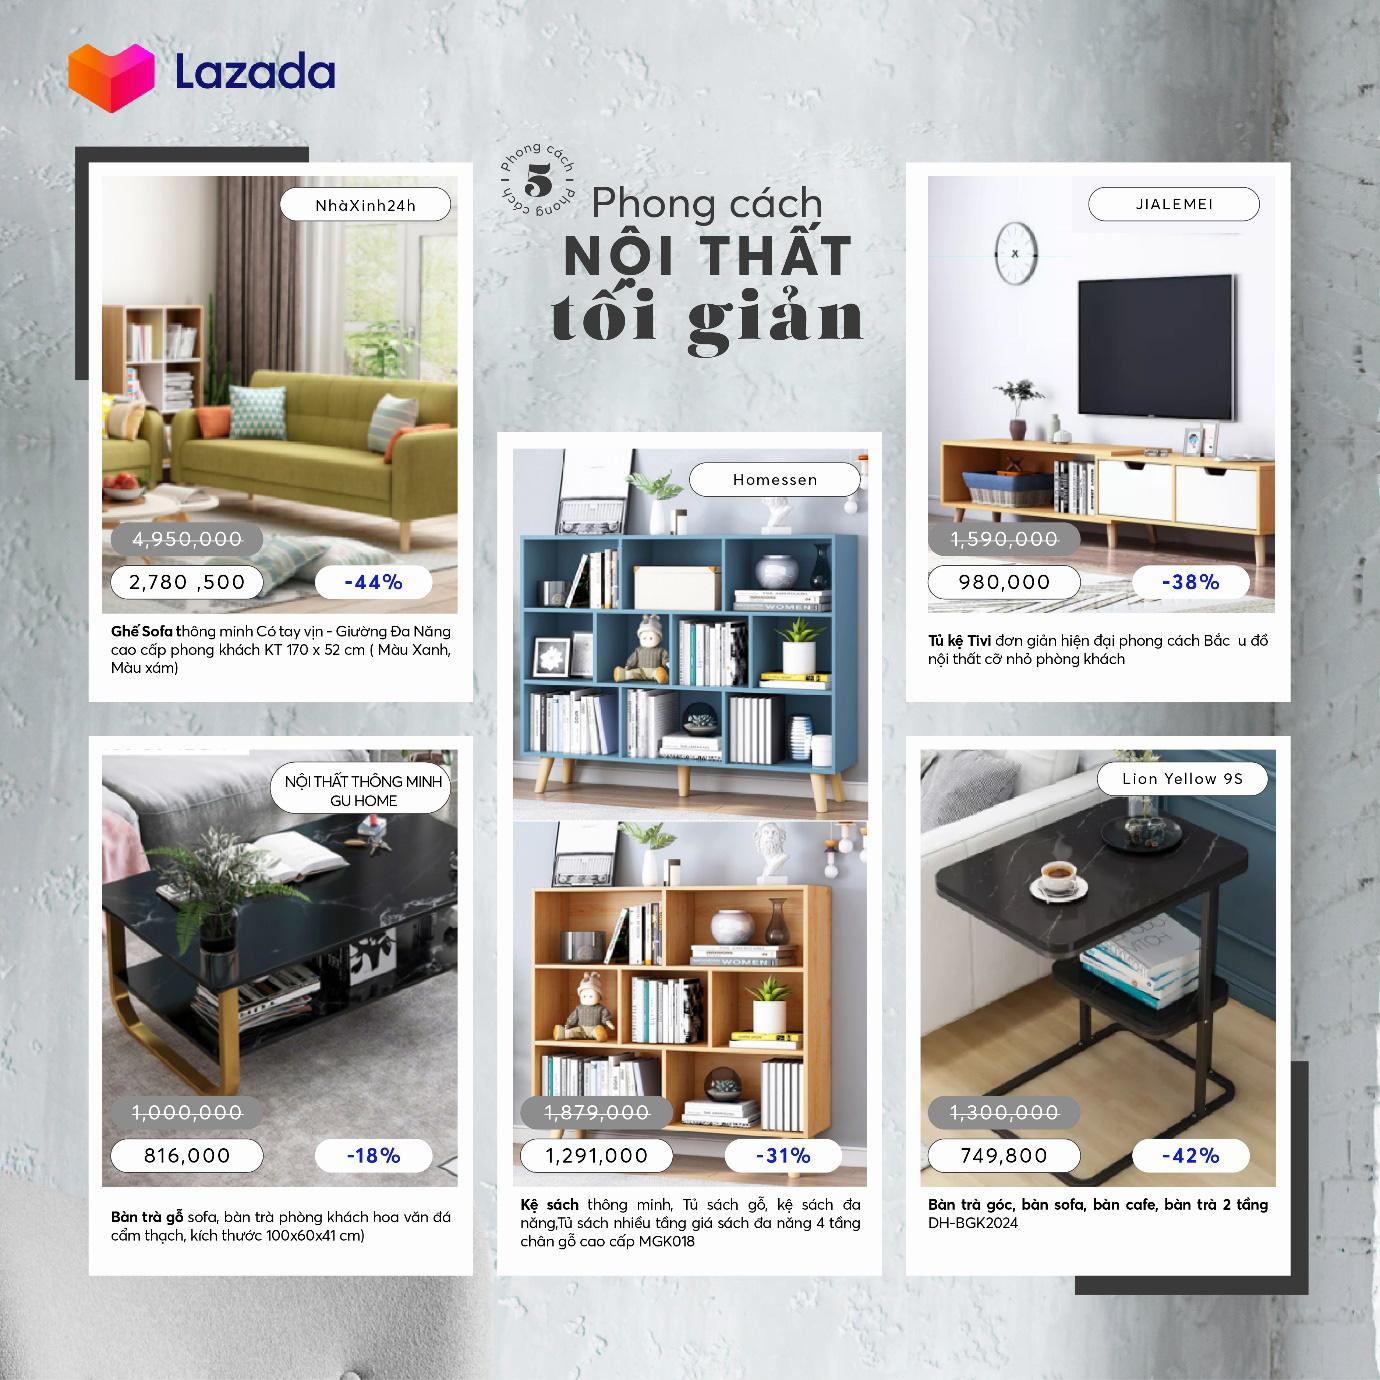 6 phong cách decor nhà cửa đón Tết và loạt đồ nội thất sale đẫm không thể bỏ qua - Ảnh 5.